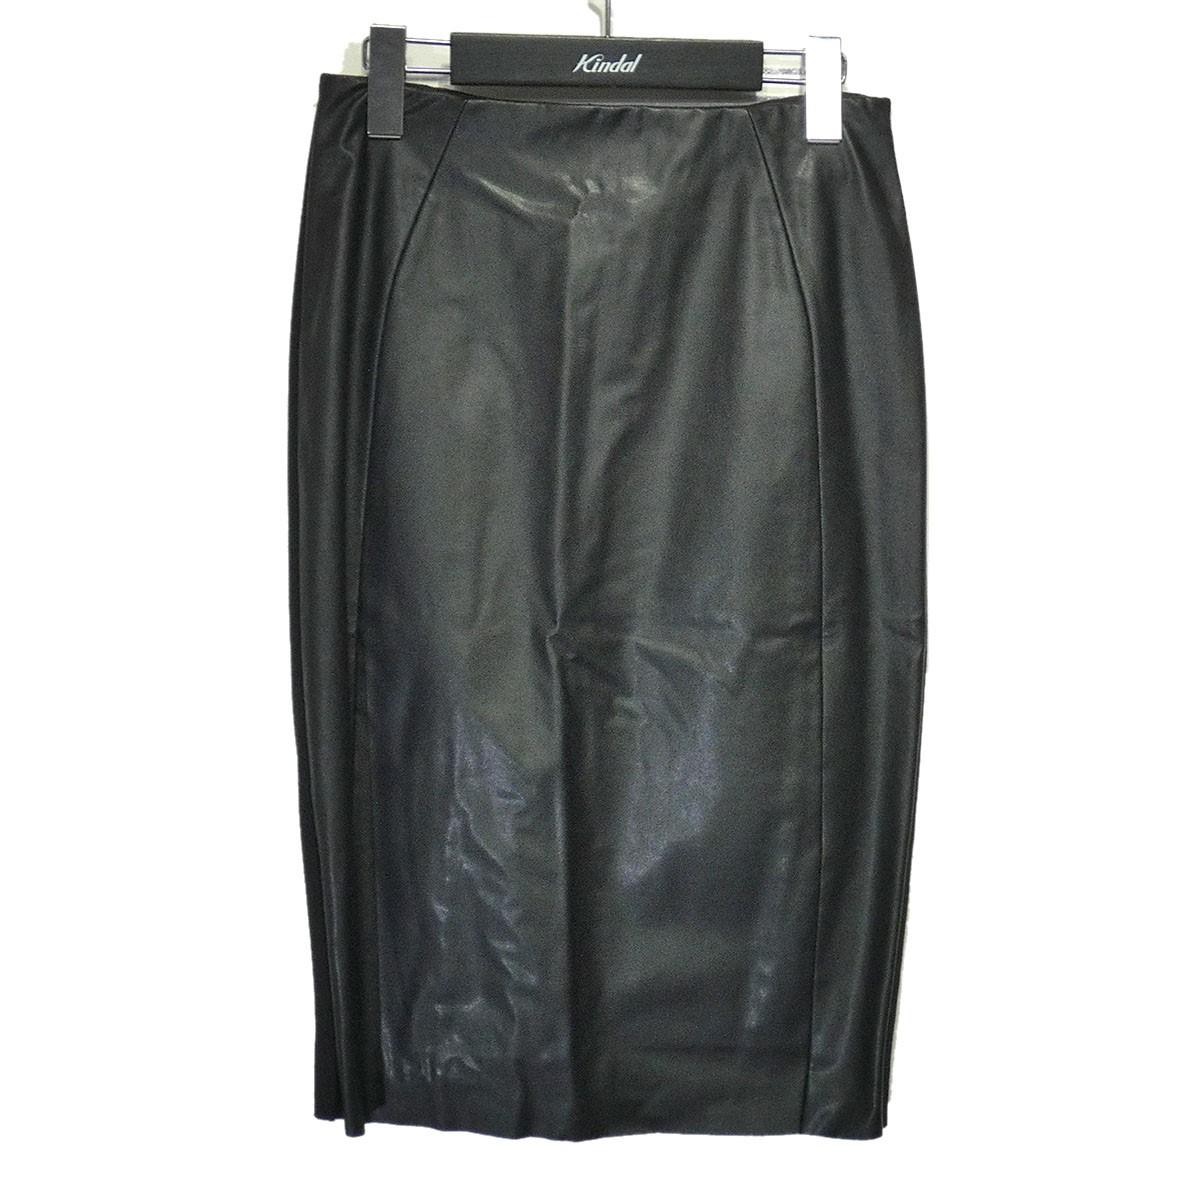 マックキュー 中古 MCQ 在庫あり フェイクレザースカート サイズ:S ブラック 新品 220321